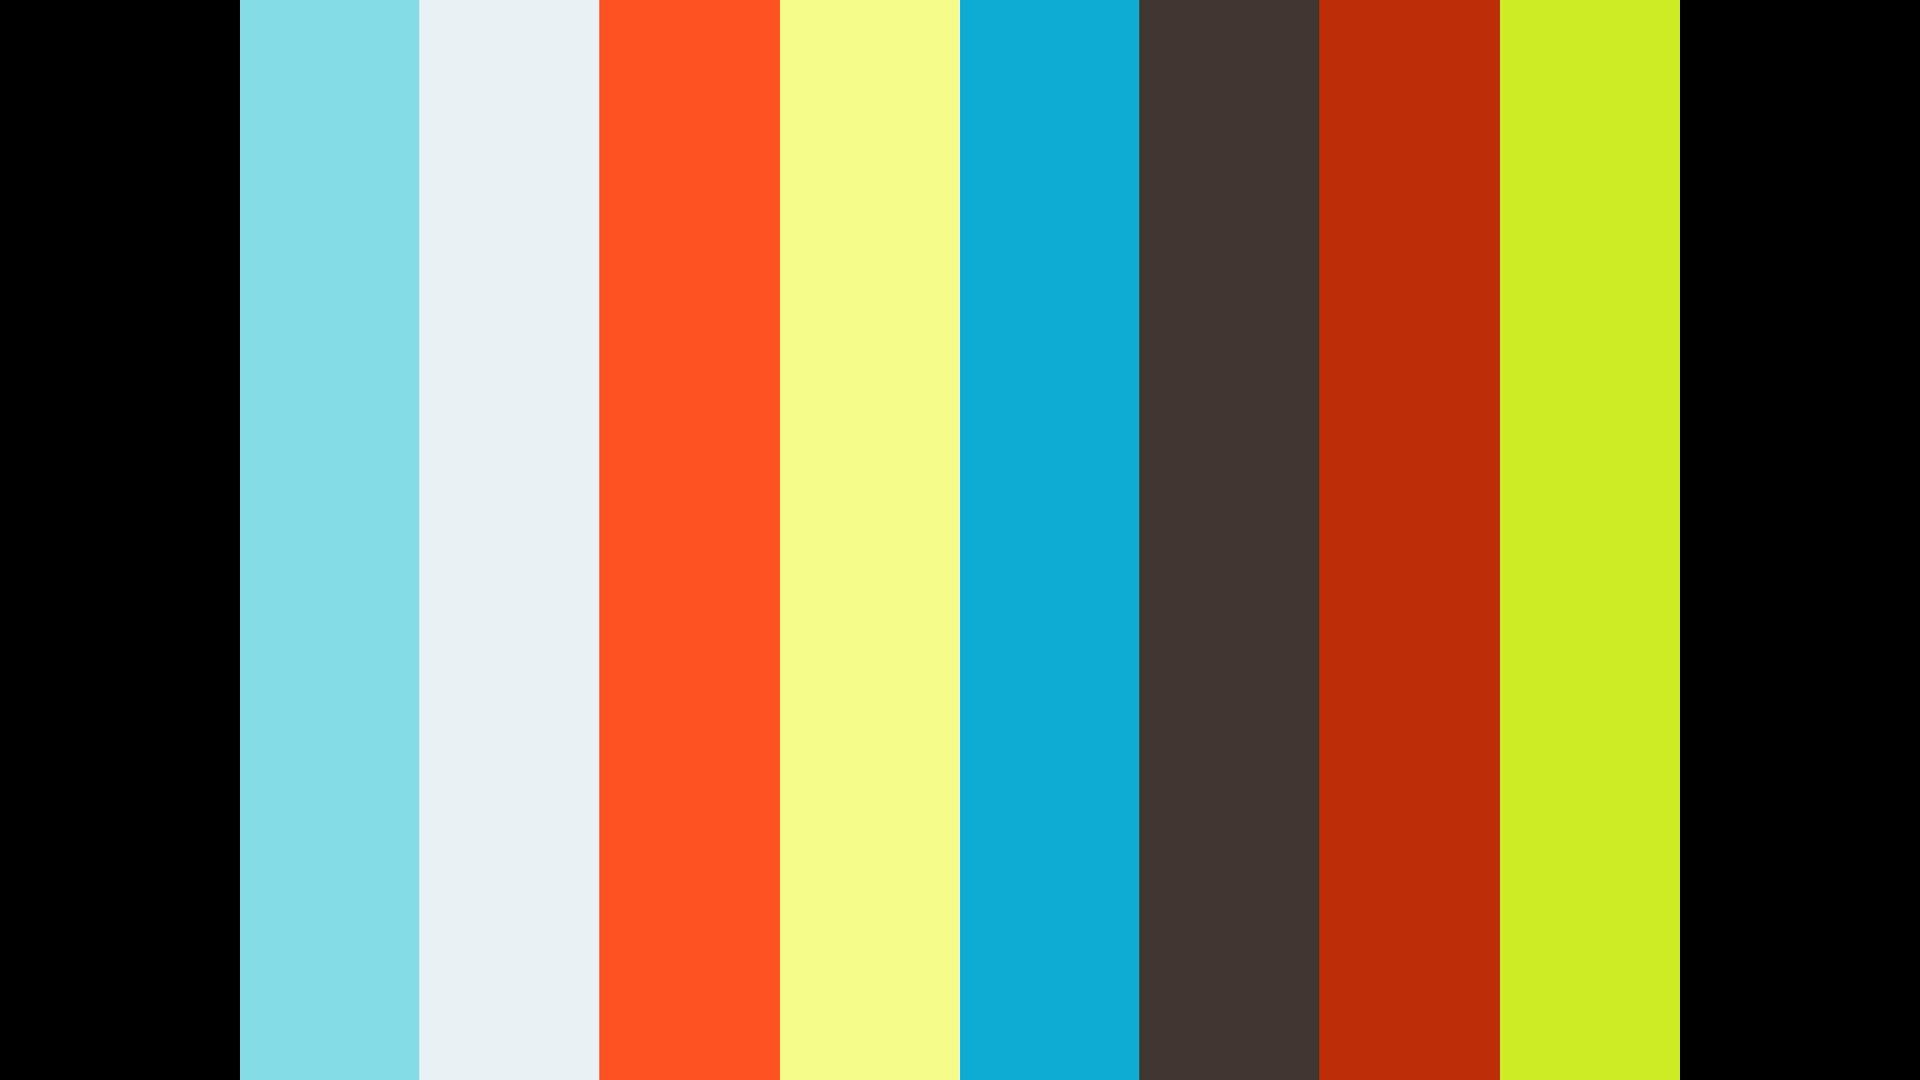 """1/7/2020 - Rec integrale webinar """"Gli enti del terzo settore_ aspetti innovativi ed istituti rilevanti introdotti dalla riforma"""""""